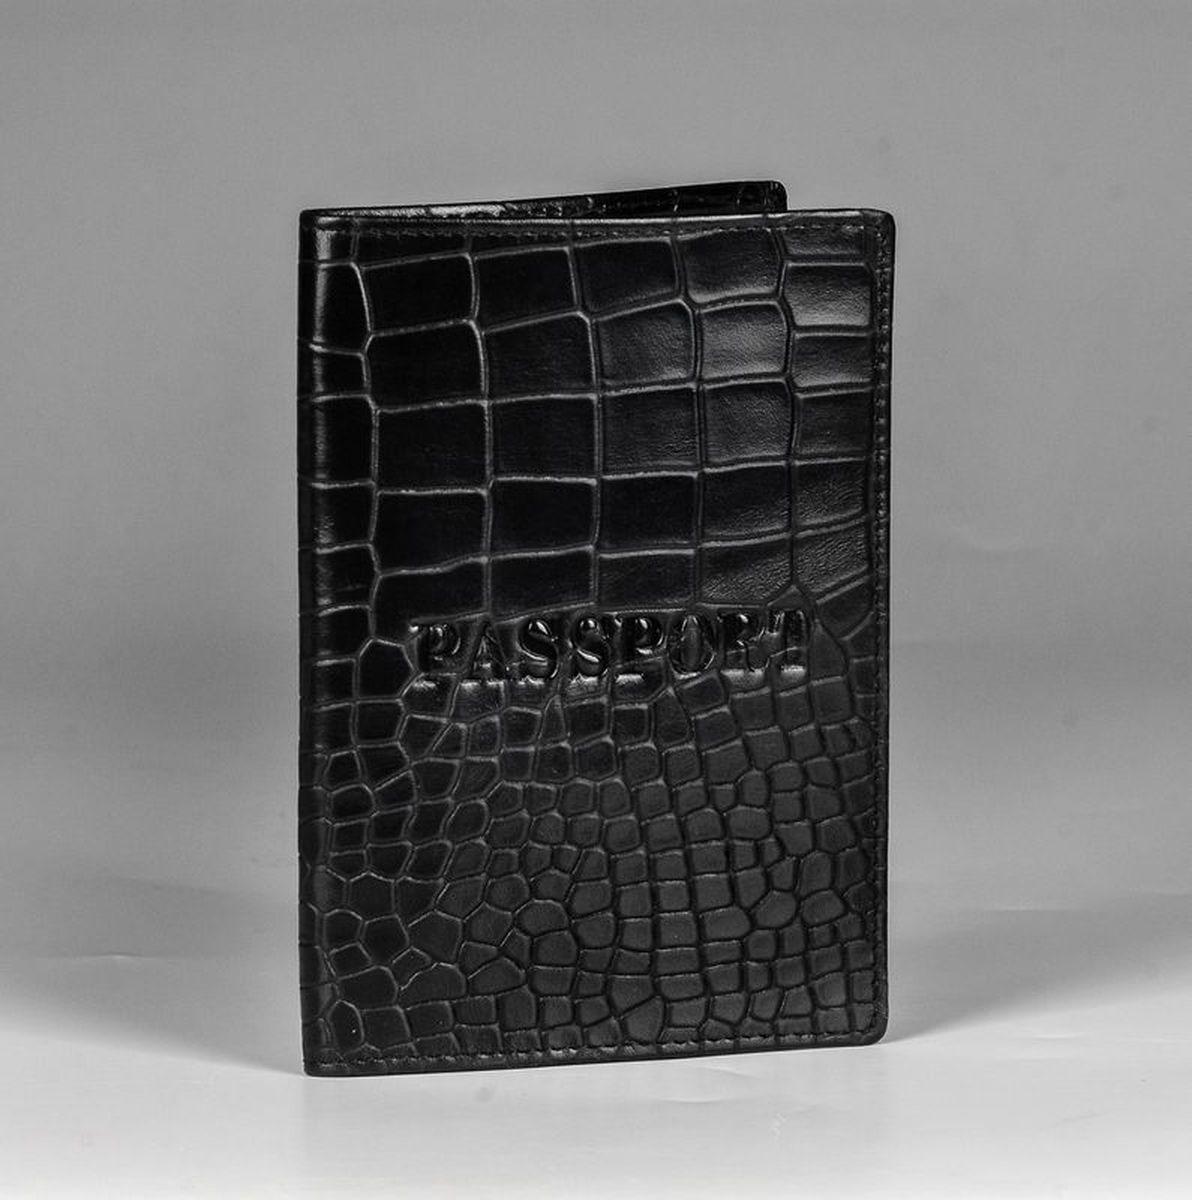 Обложка для паспорта Piero, цвет: черный. 42М6_90111_20_П_142М6_90111_20_П_1Стильная обложка для паспорта из натуральной кожи с тиснением под рептилию. Тканевая подкладка.